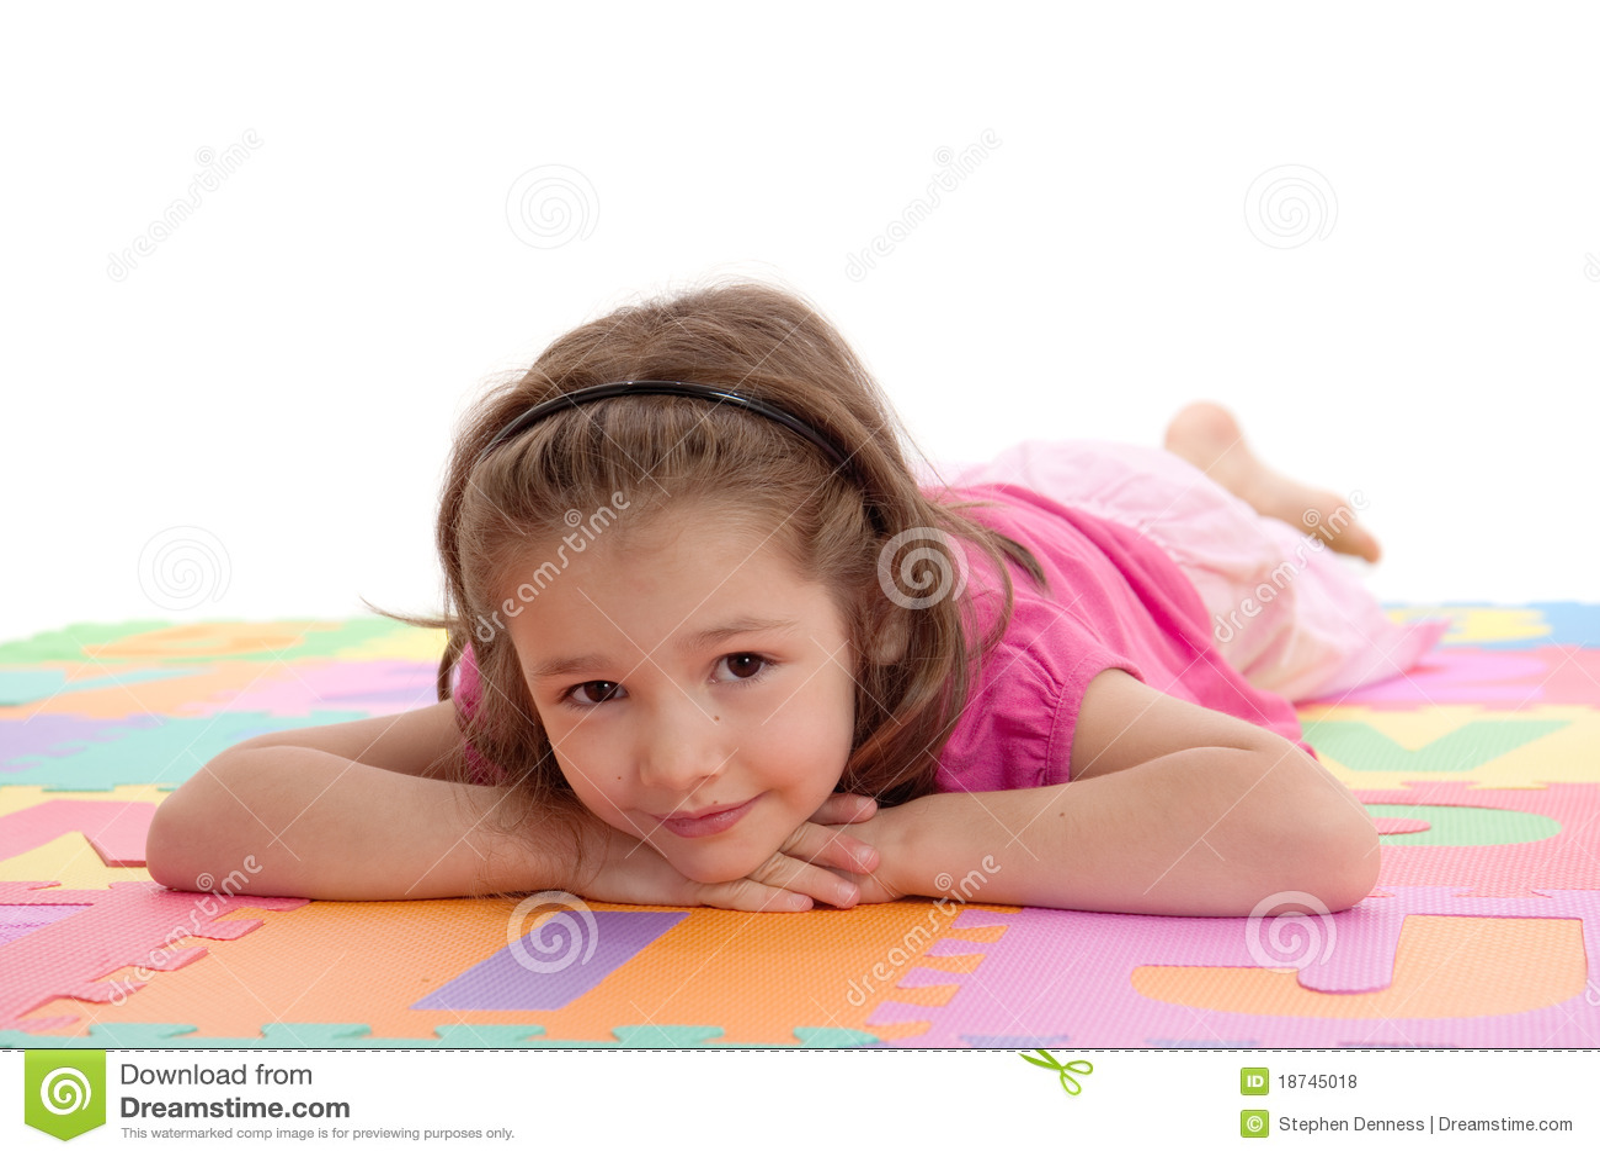 Smiling Girl Child Resting On Kids Alphabet Floor Royalty